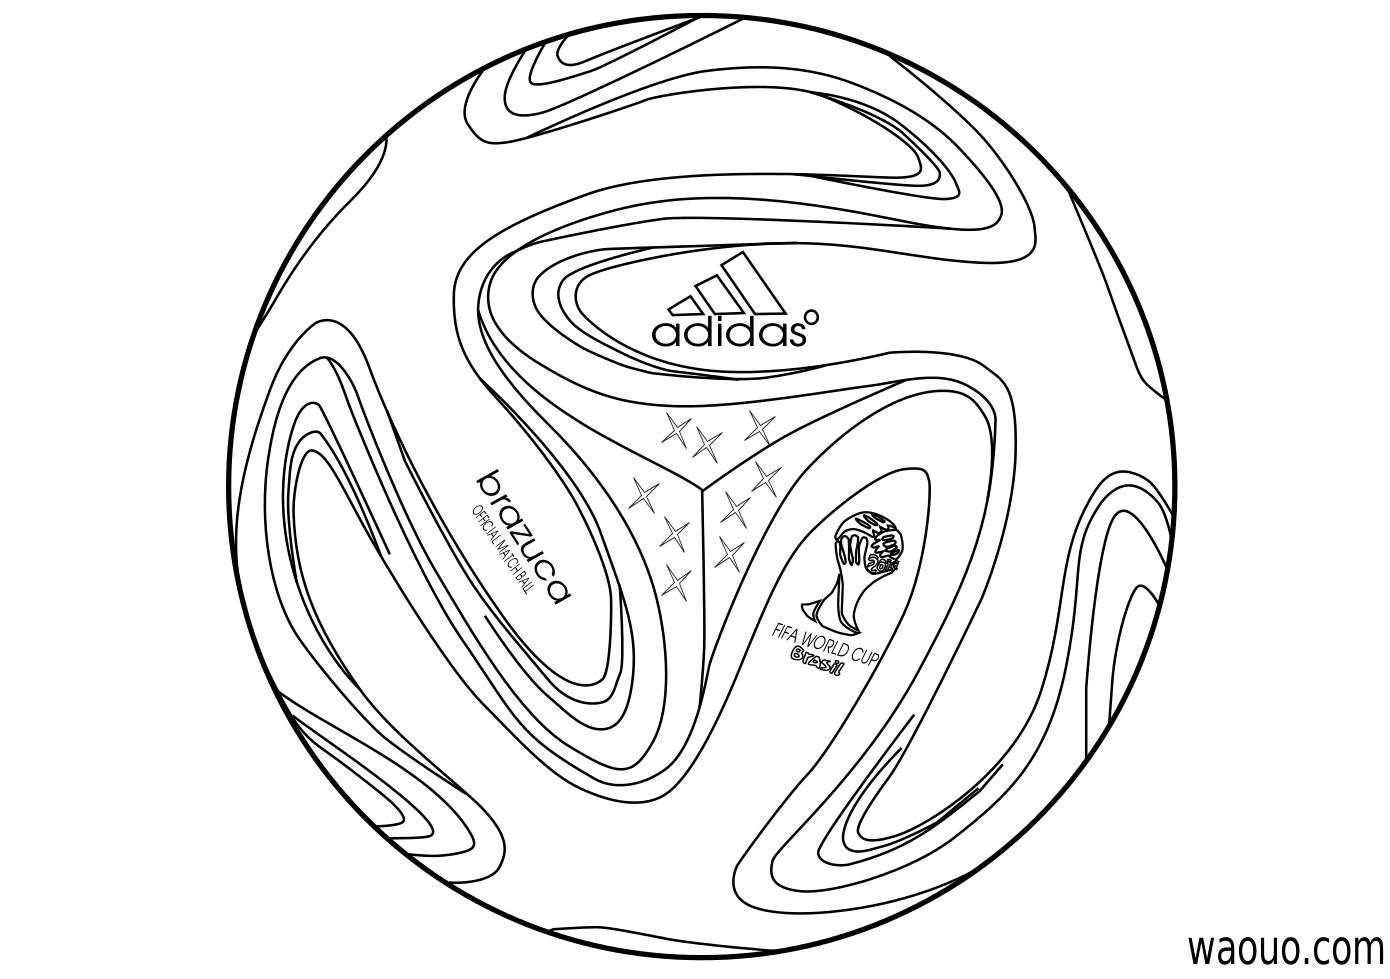 Coloriage Ballon Coupe Du Monde 2014 À Imprimer Et Colorier pour Coloriage De Foot En Ligne